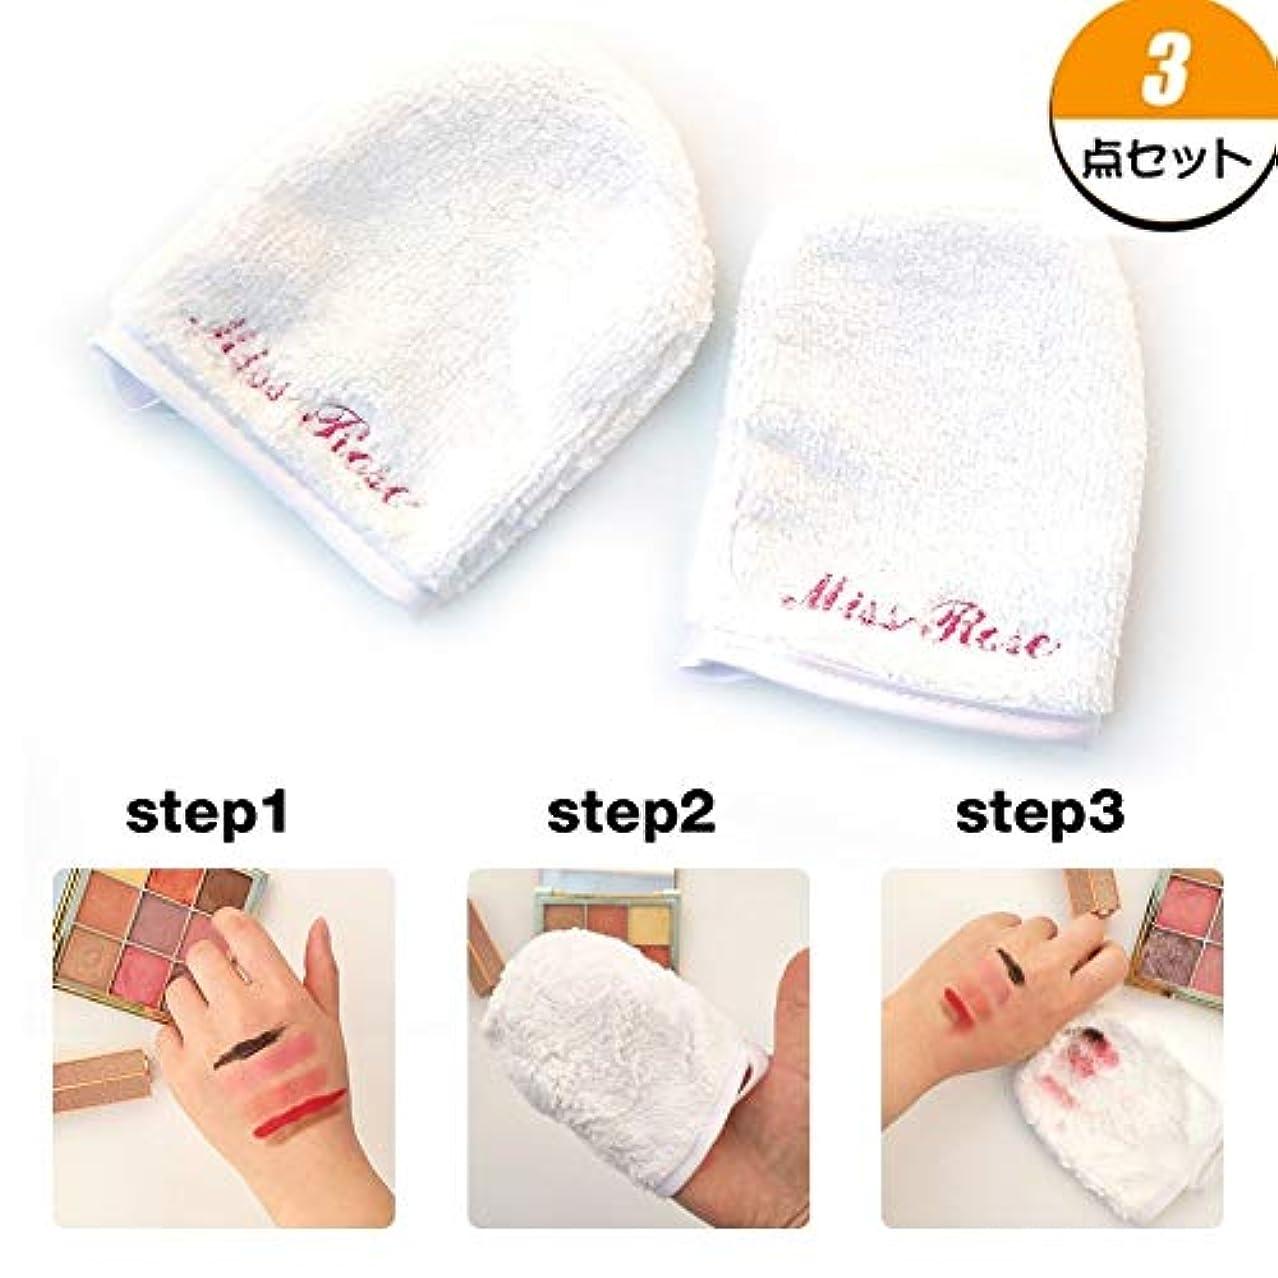 TerGOOSE メイク落とし 手袋 洗える 再利用可能 メイク落とし布 タオル 洗顔 顔洗い 水だけ メイクが落とせる 便利 人気 3枚セット